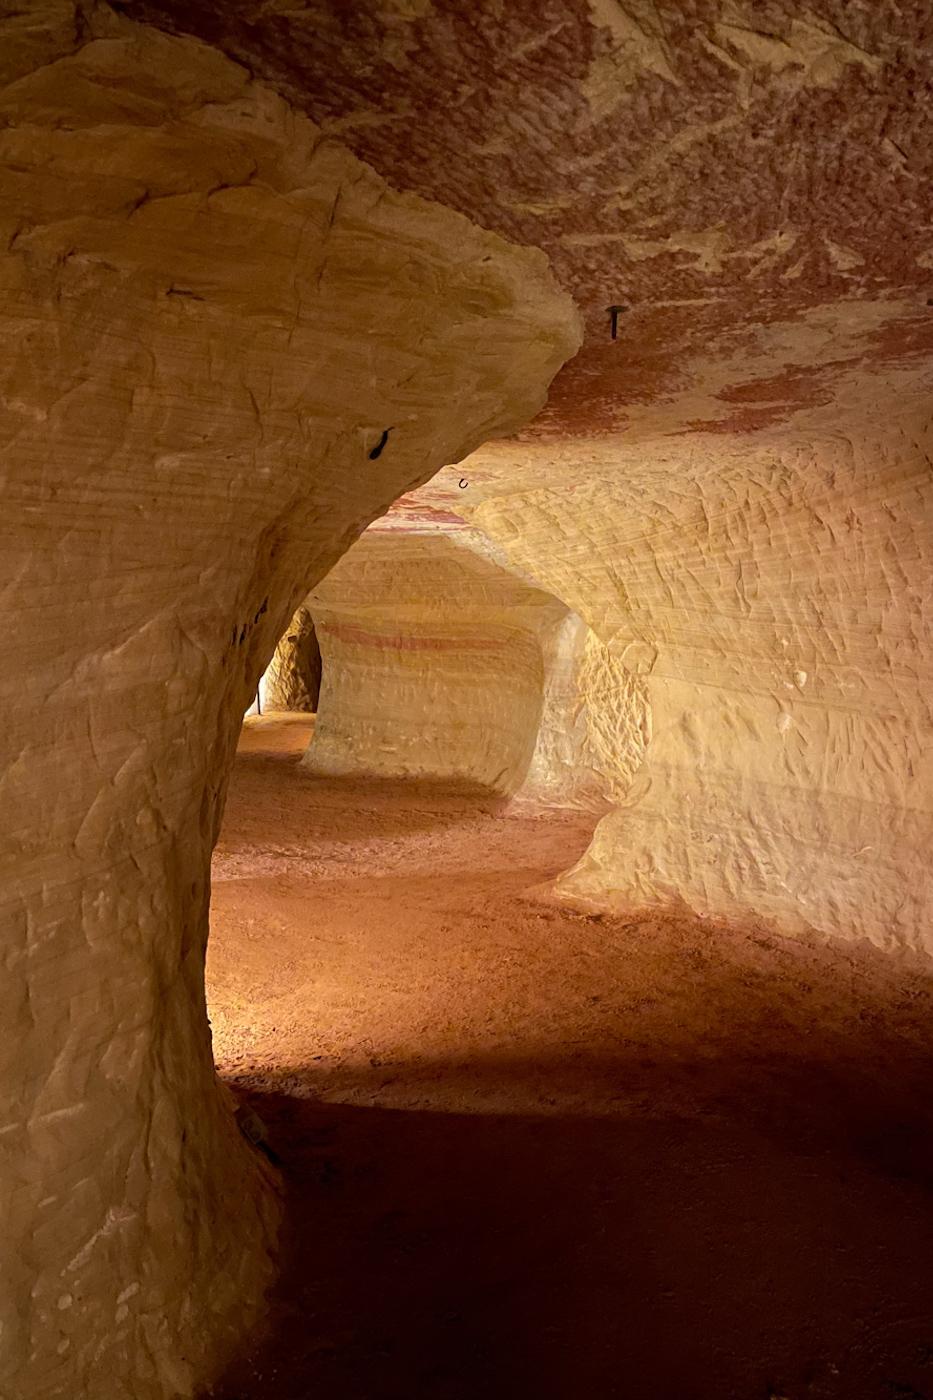 Schlossberghöhlen grotten saarland